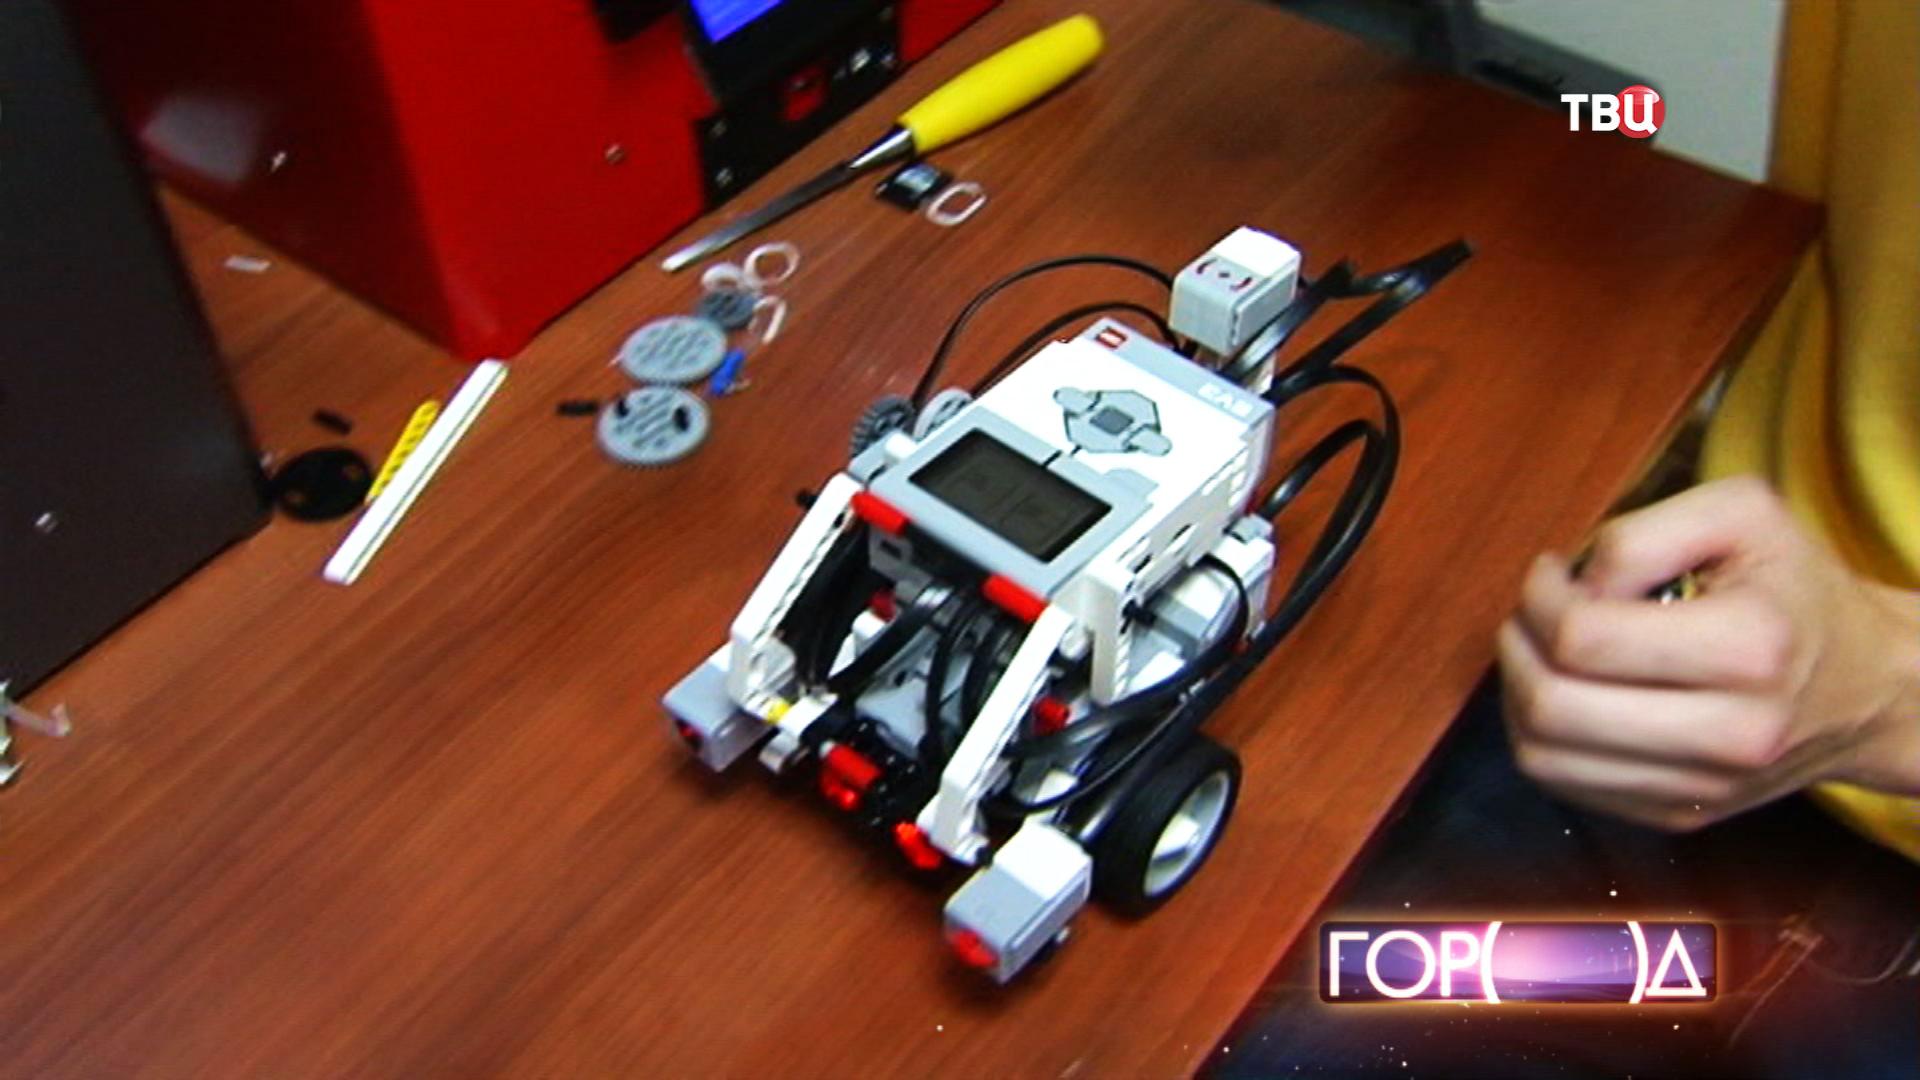 Робот, способный выполнять команды при помощи цветового сенсора